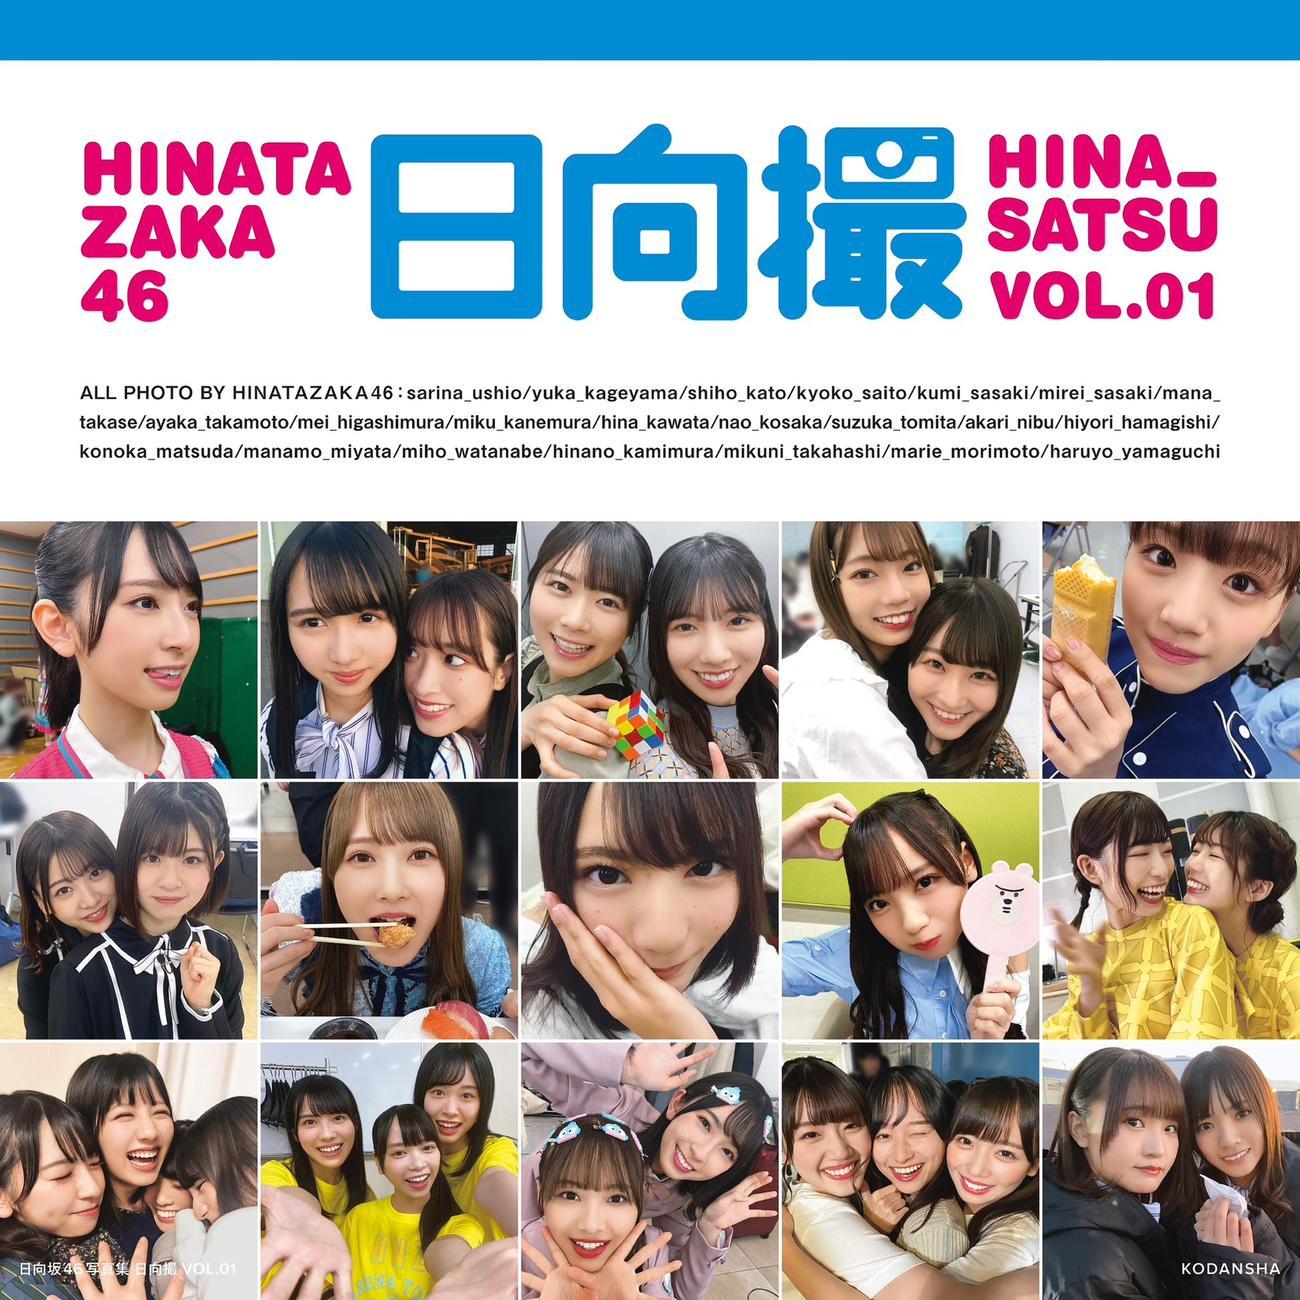 日向坂46のメンバー同士が撮影したオフショット写真集「日向撮」の表紙画像